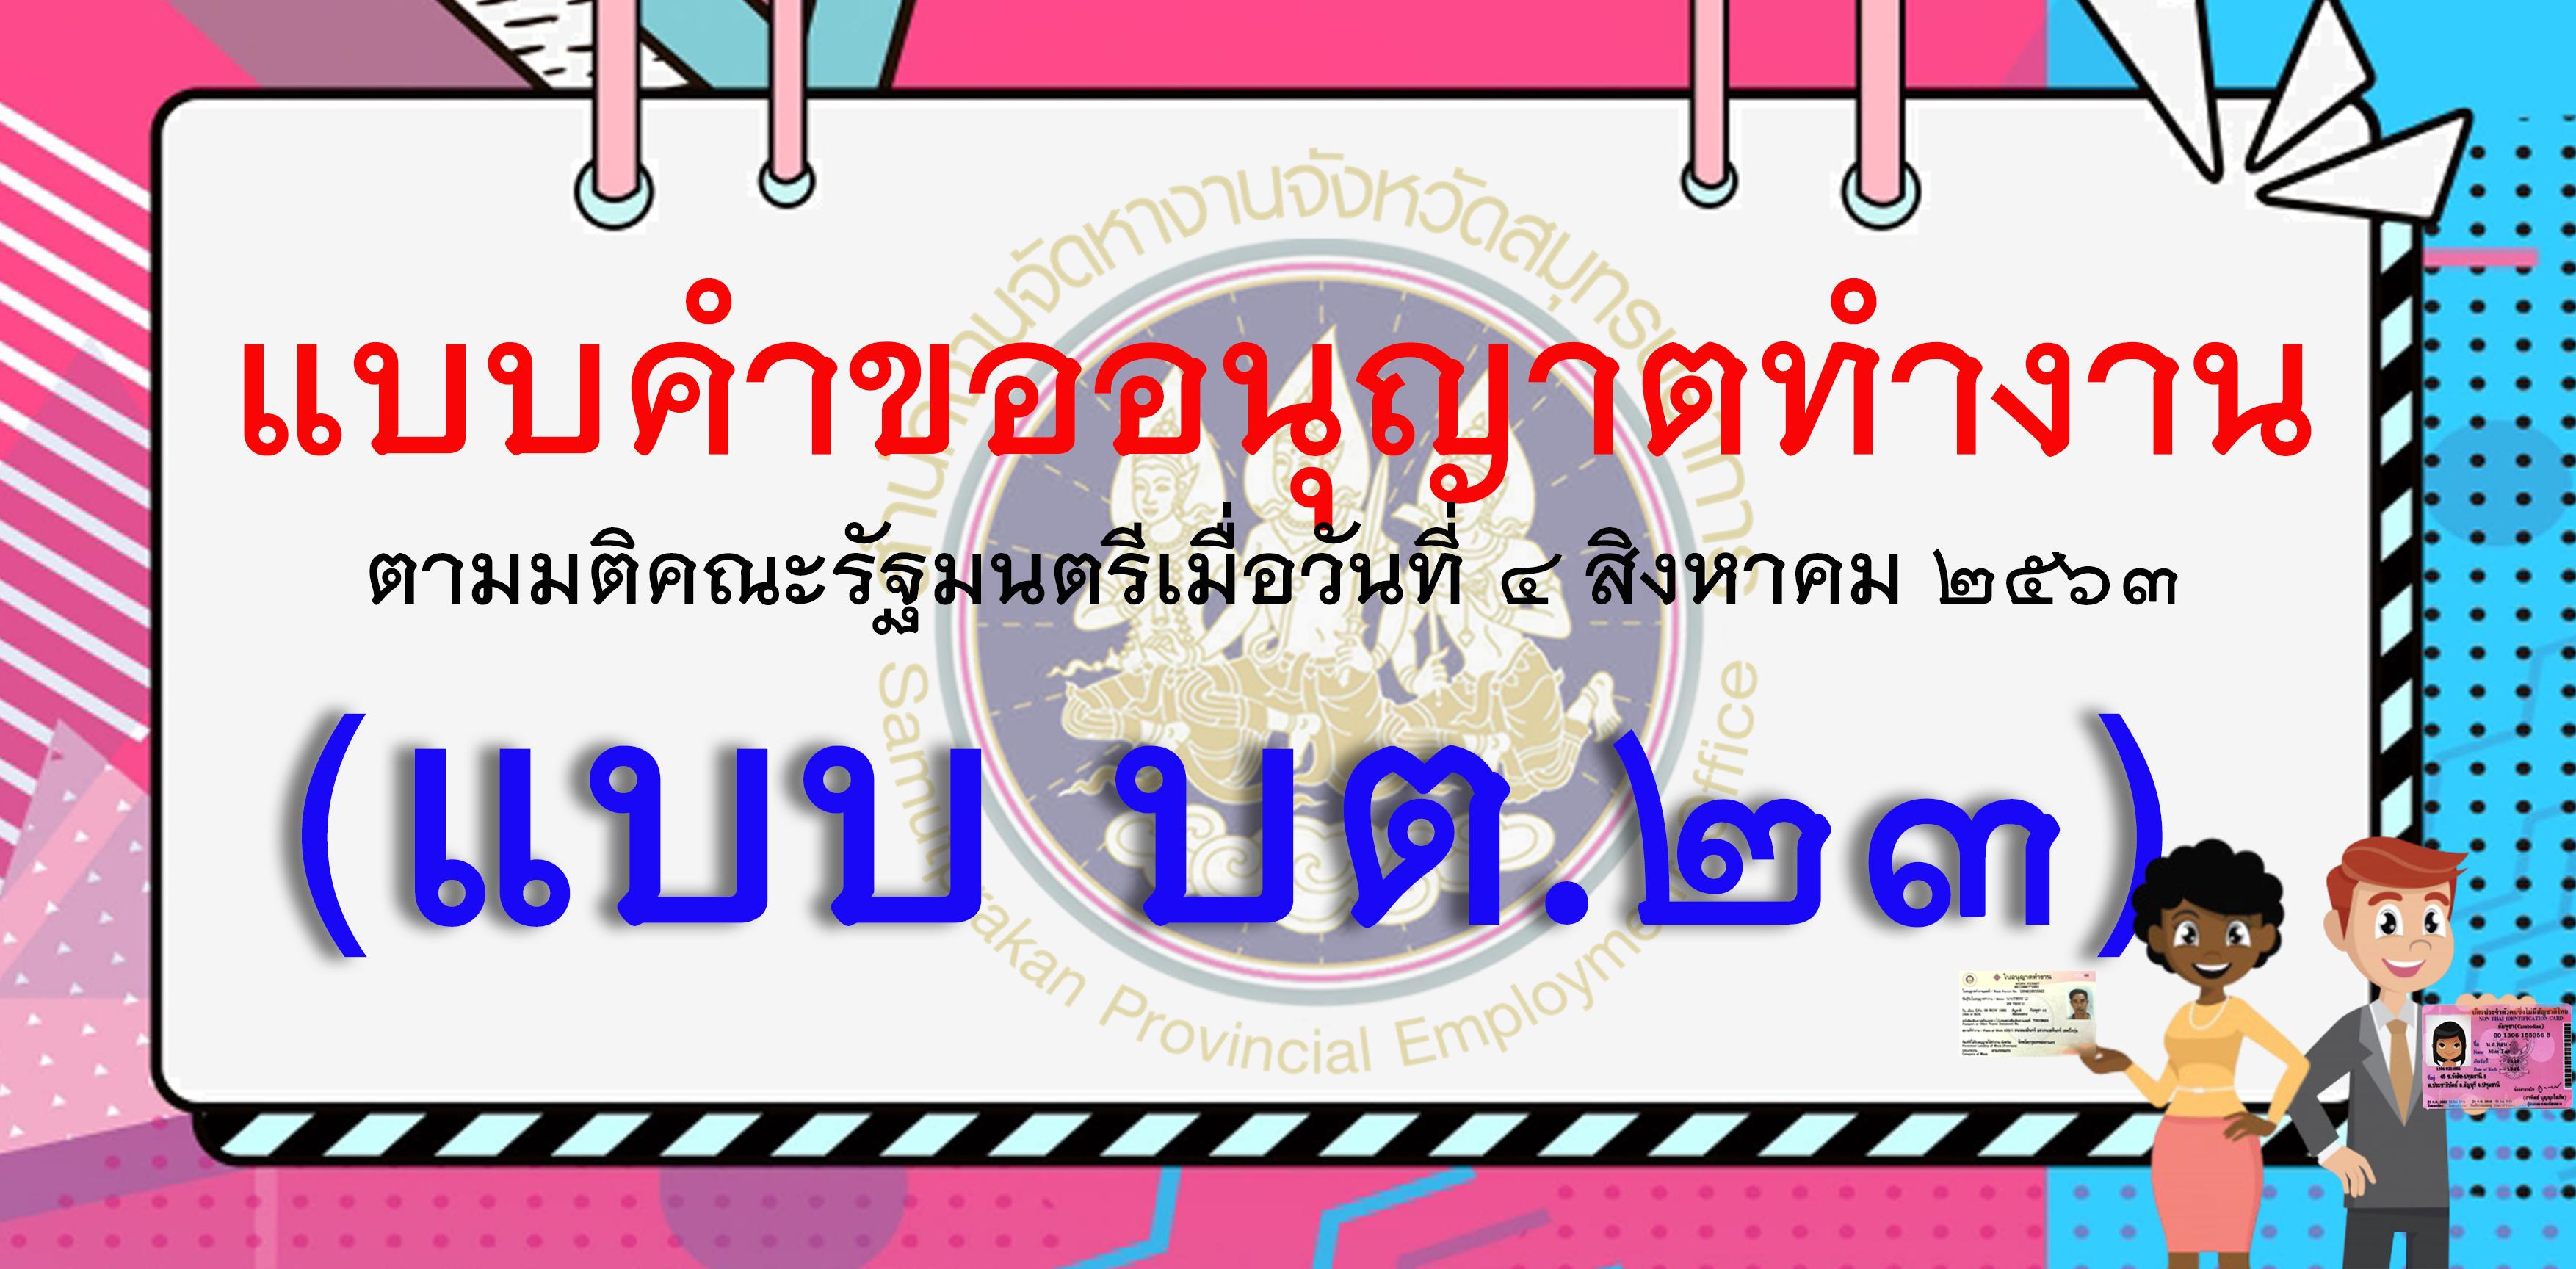 แบบคำขออนุญาตทำงาน ตามมติคณะรัฐมนตรีเมื่อวันที่ 4 สิงหาคม 2563 (แบบ บต.๒๓)